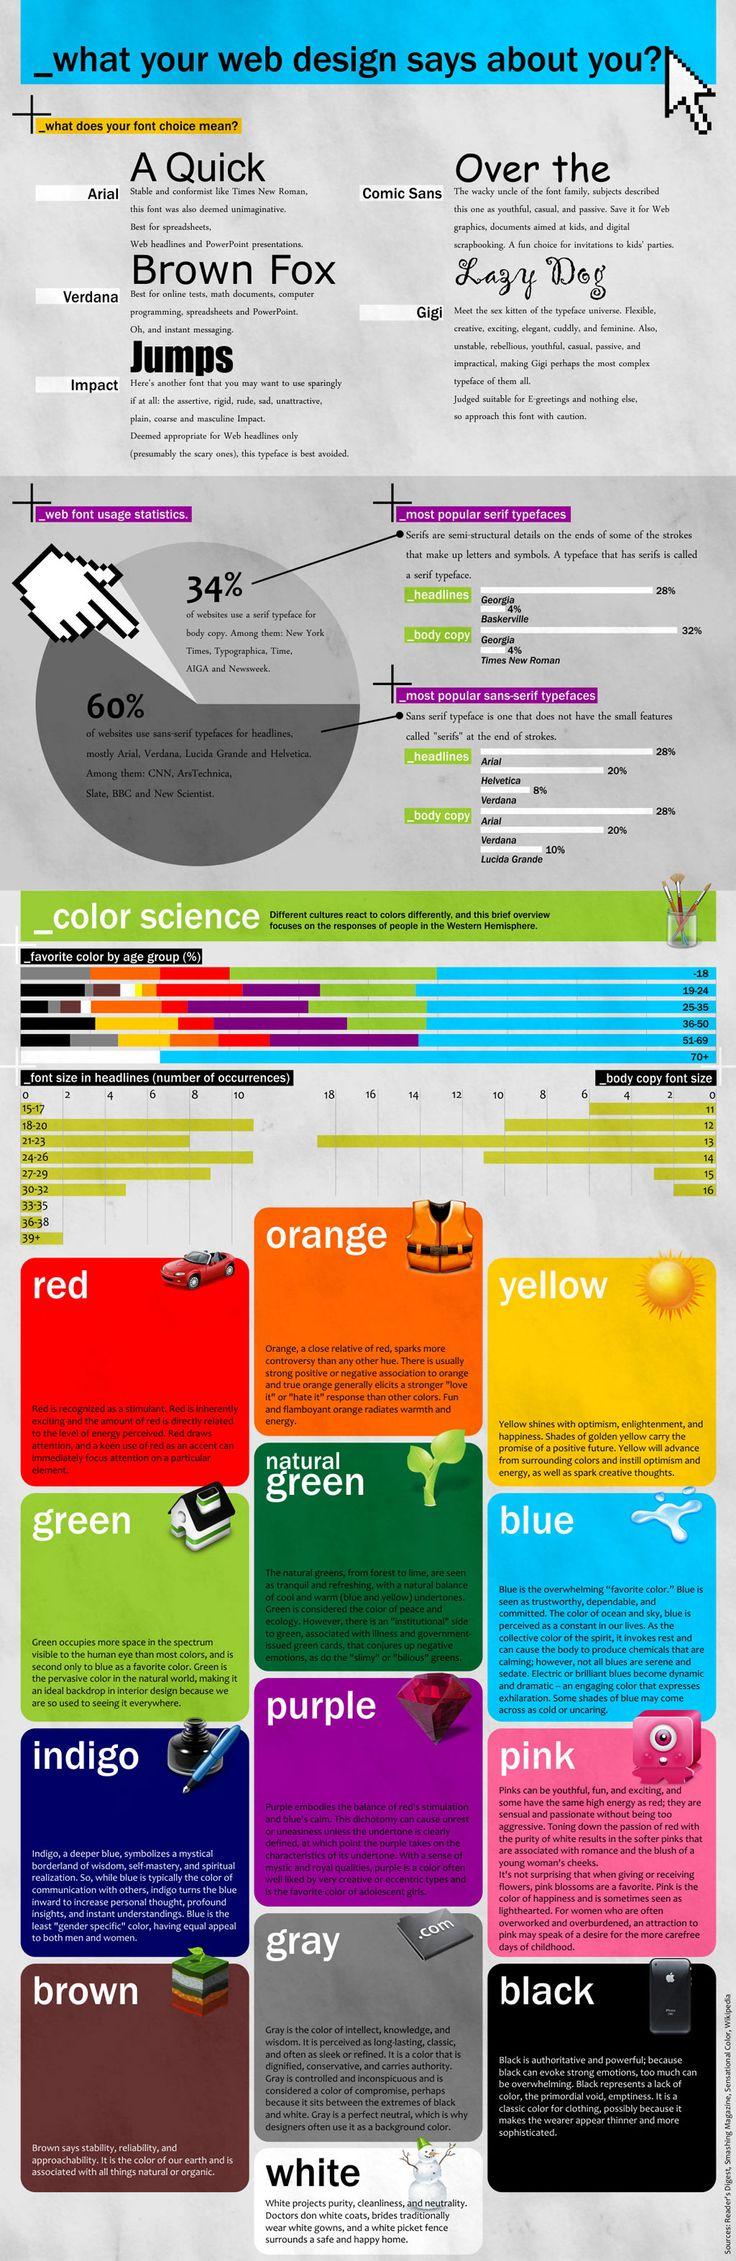 Web Tasarımınız Sizin Hakkınızda Ne Söylüyor? - #sosyalmedya #sosyalmedyapazarlama #socialmedia #socialmediamarketing #infografik #infographic